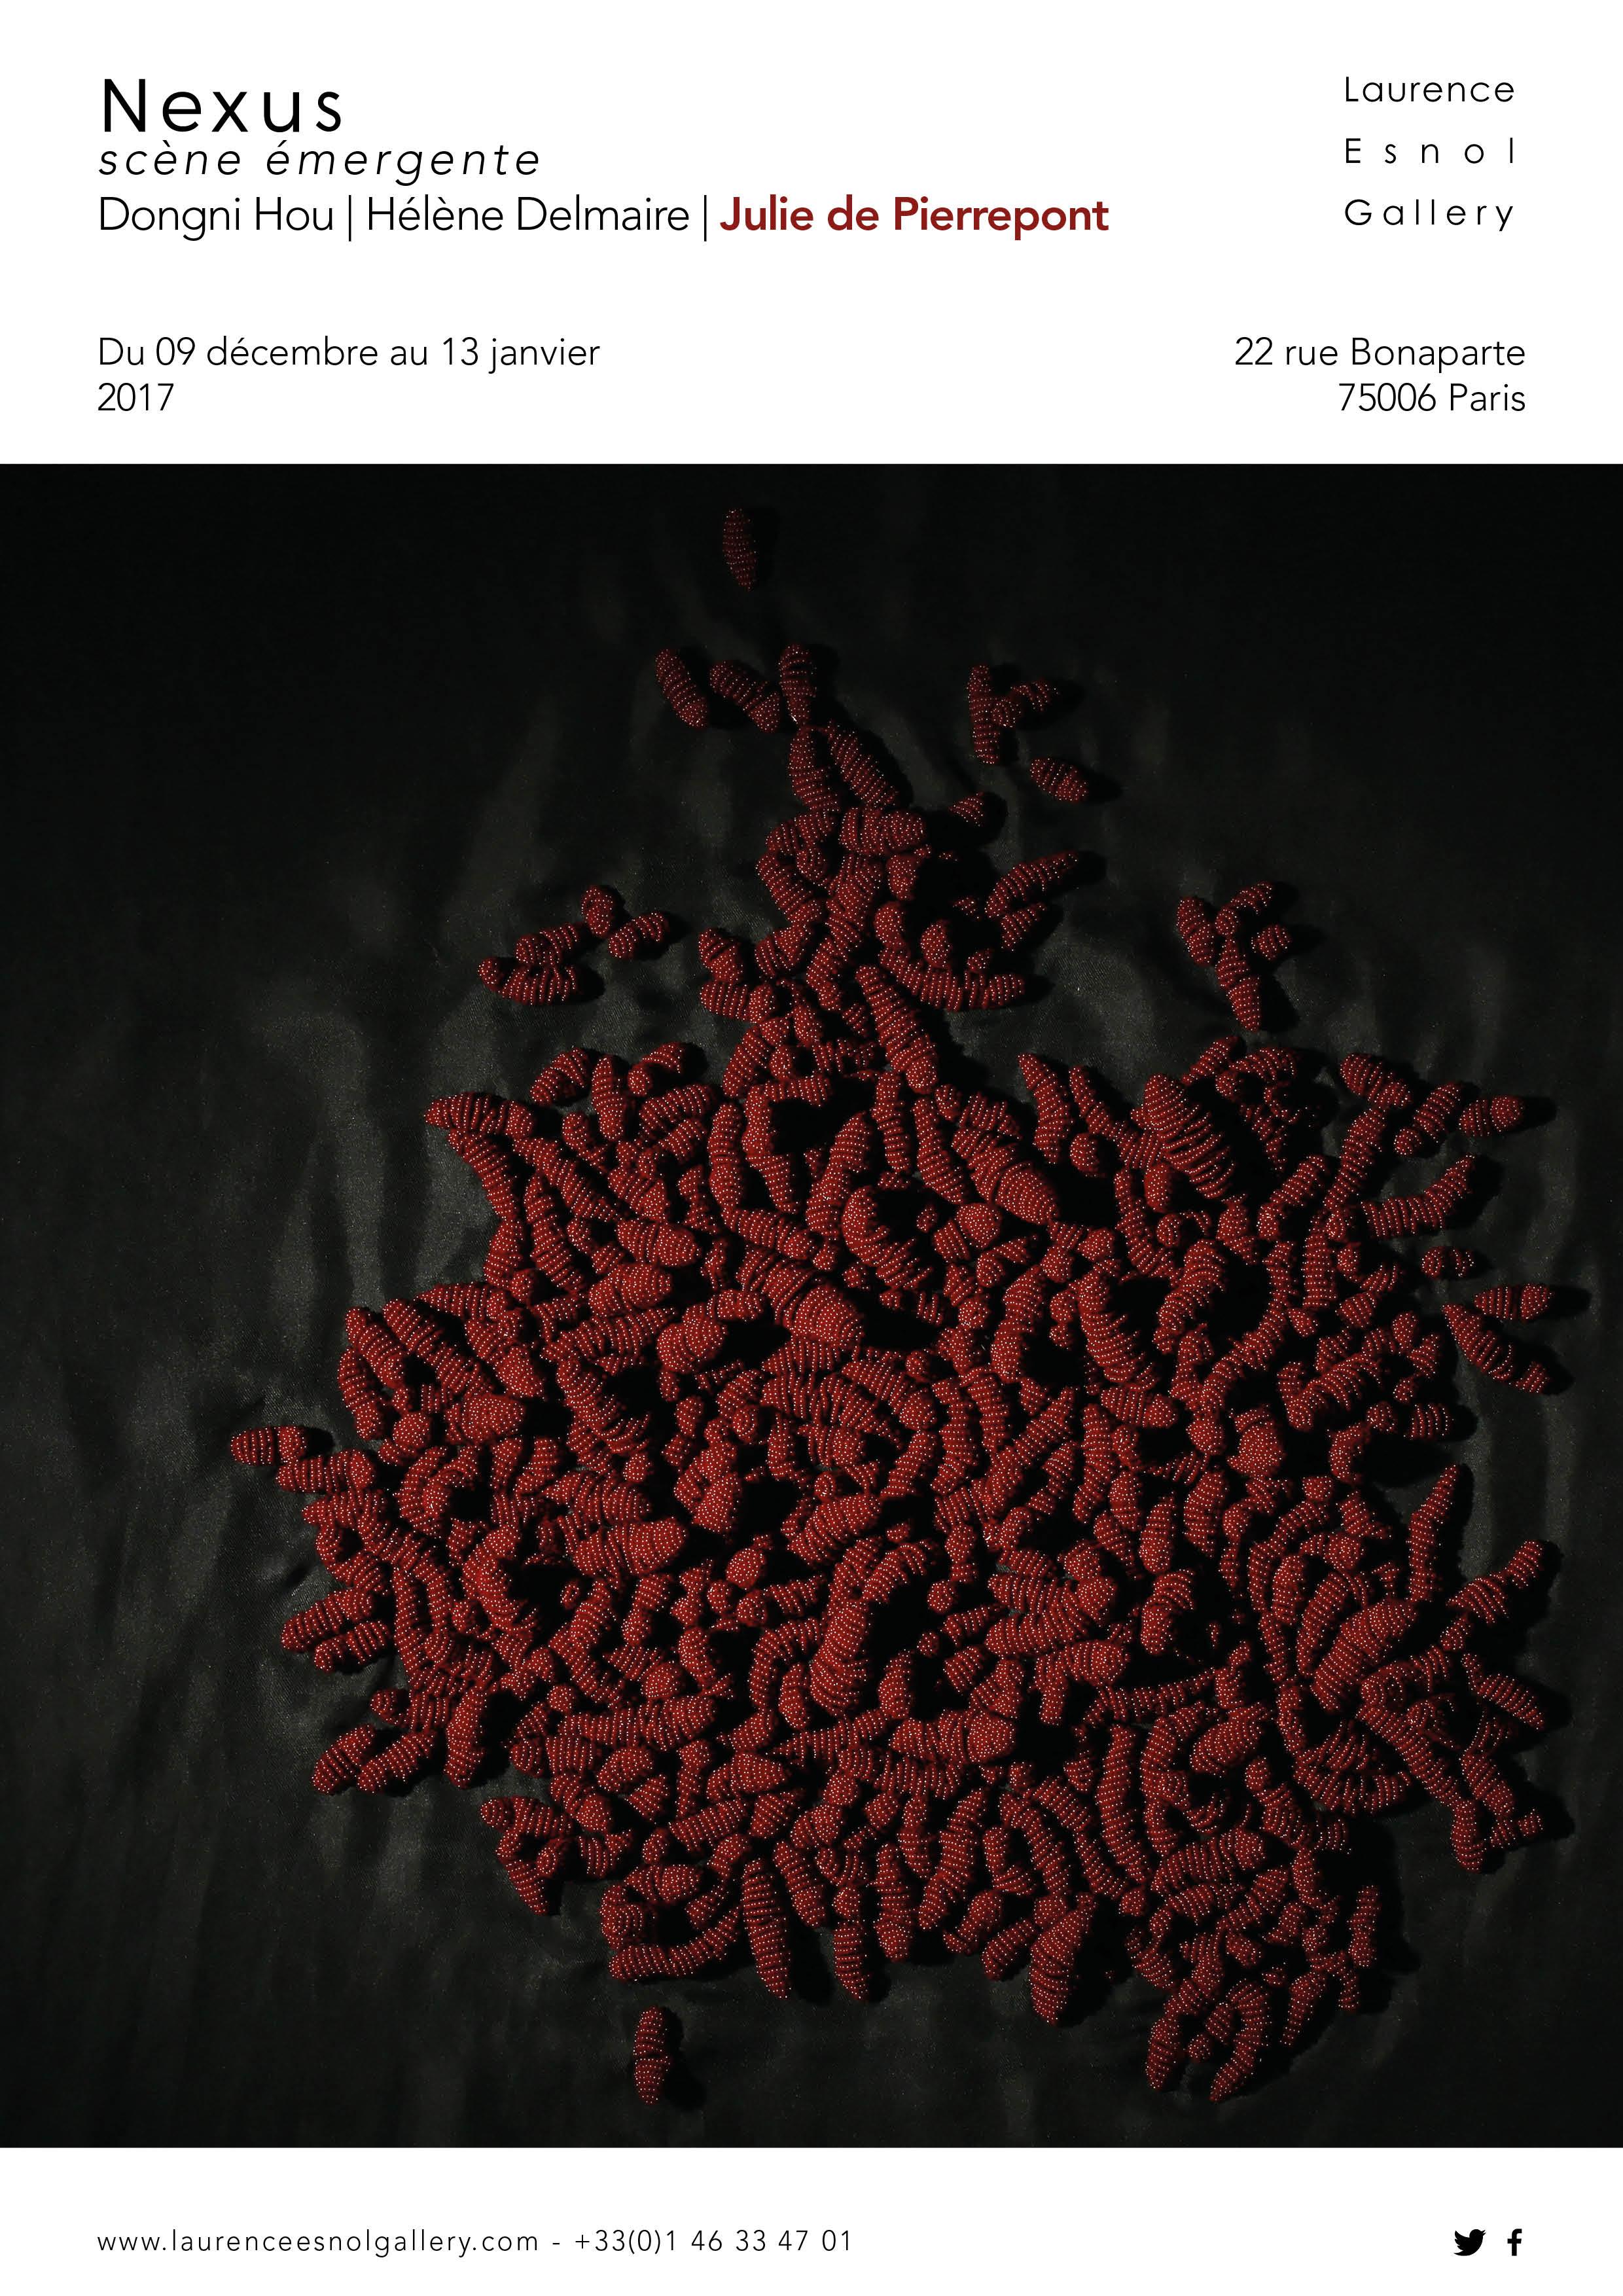 Julie de PierrepontNexus - Scène Emergente